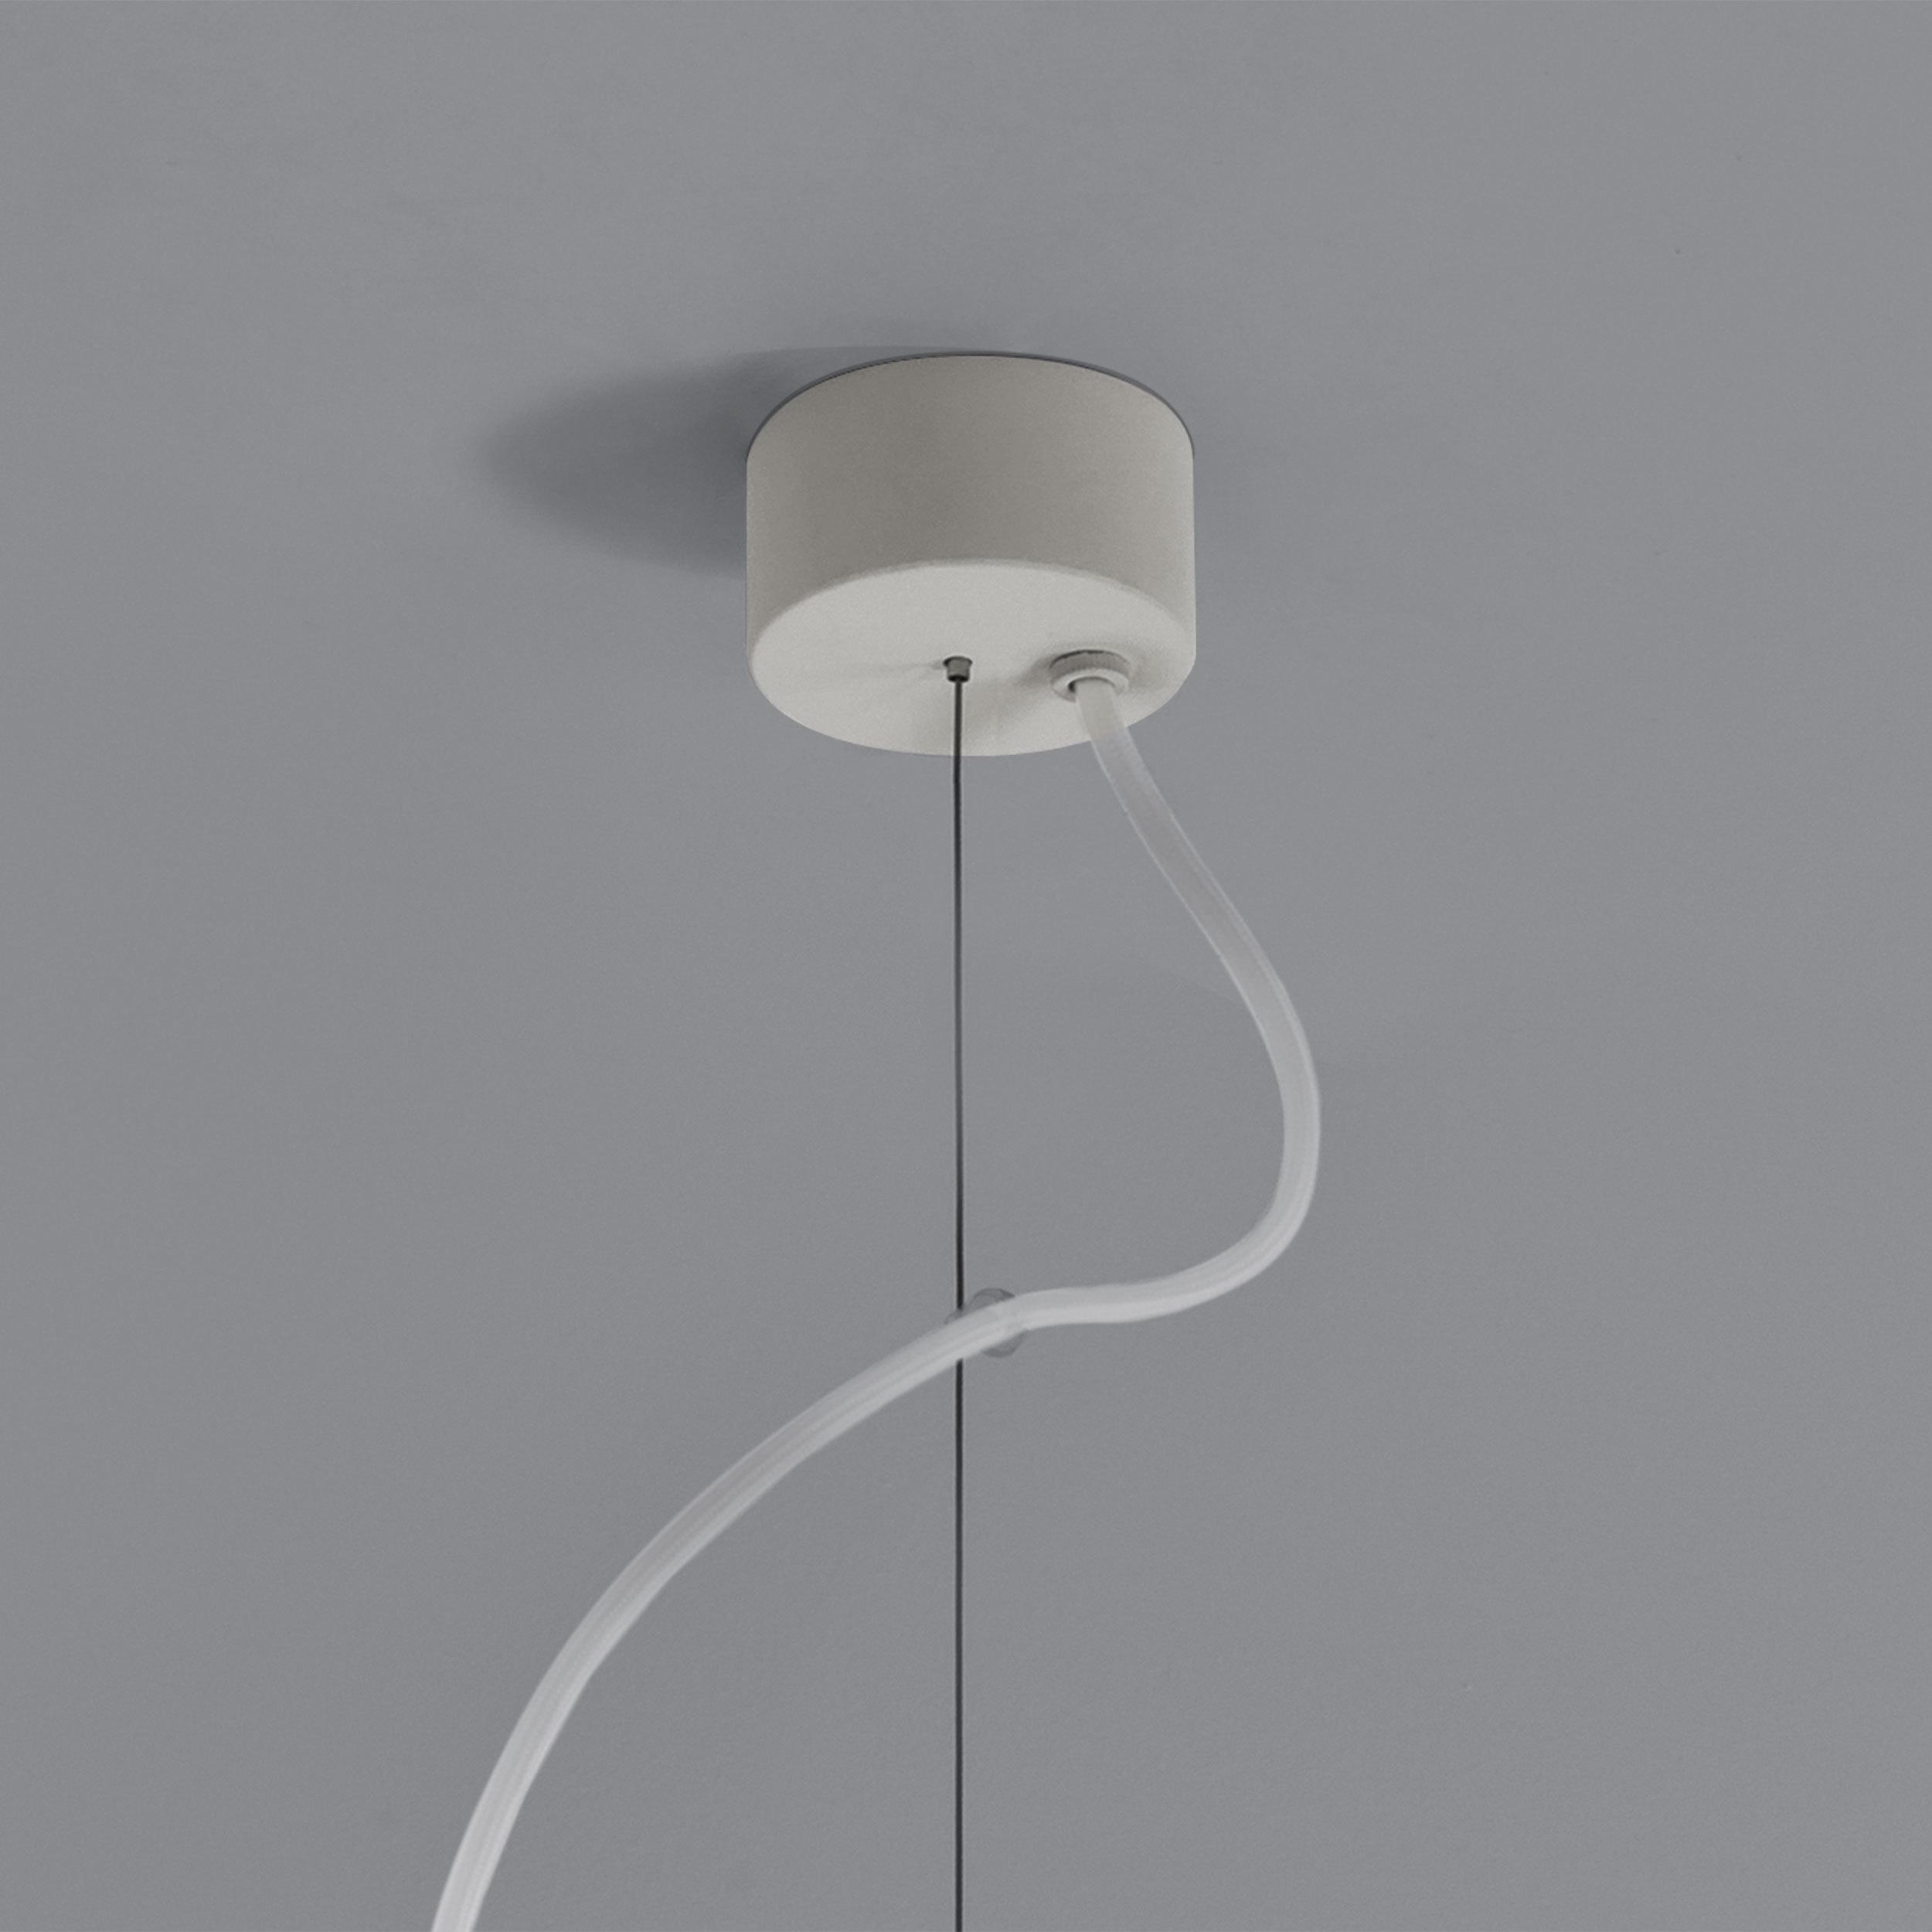 Подвесной светильник Astro Osca 1252014 (7386), 1xGU10x13W, белый, под покраску, металл, гипс - фото 2